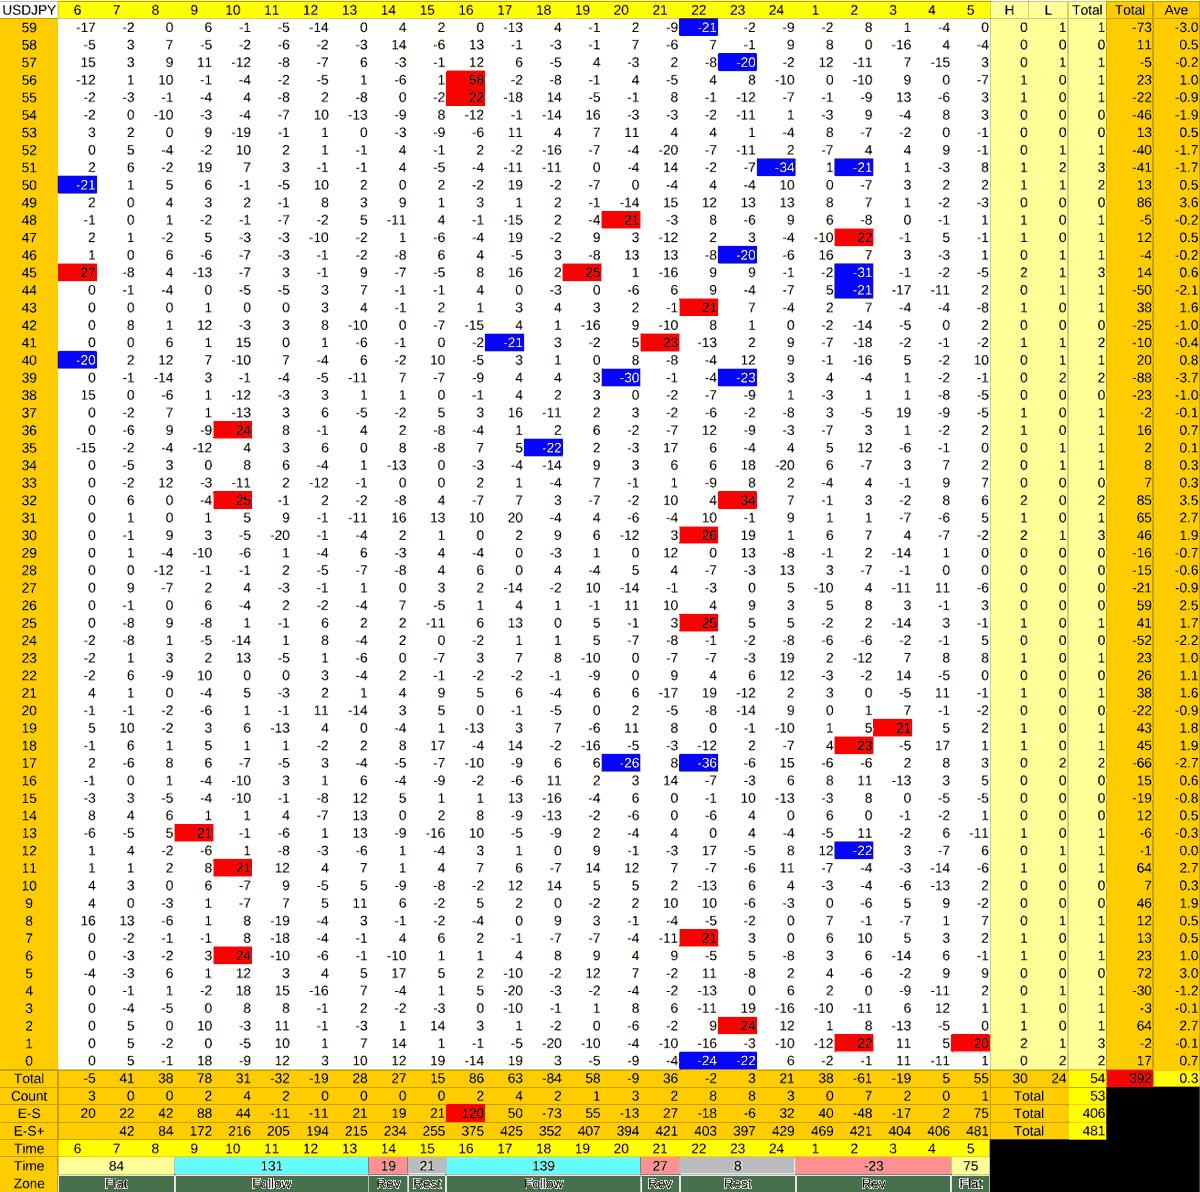 20210325_HS(1)USDJPY-min